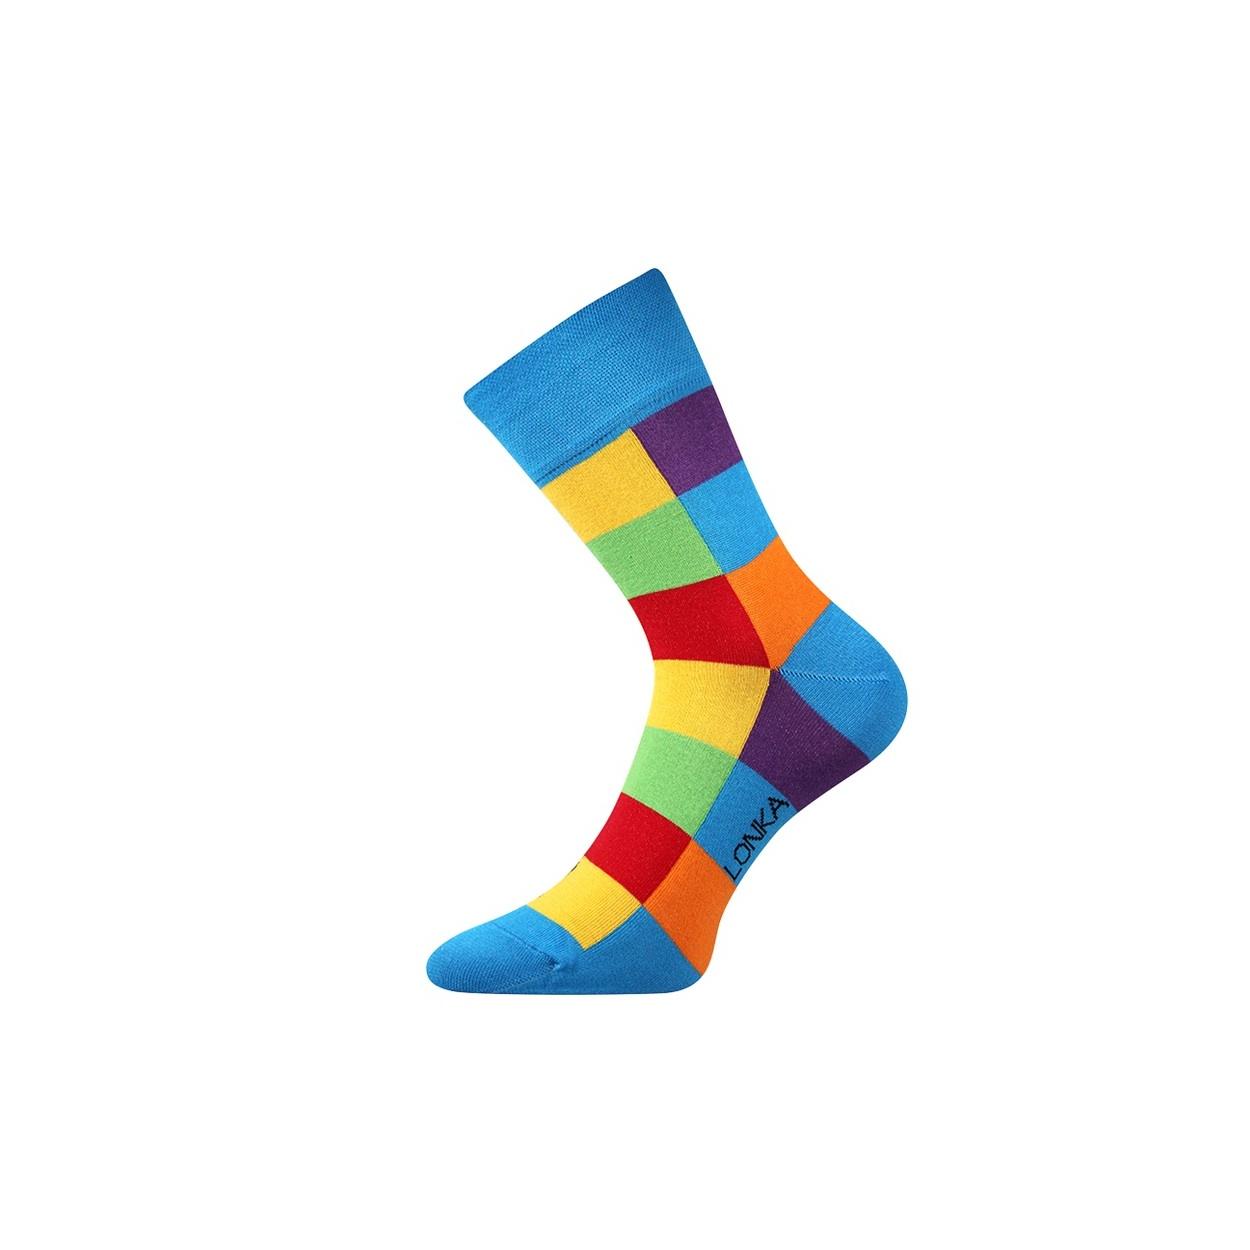 Modré pánské ponožky s kostkami Decube